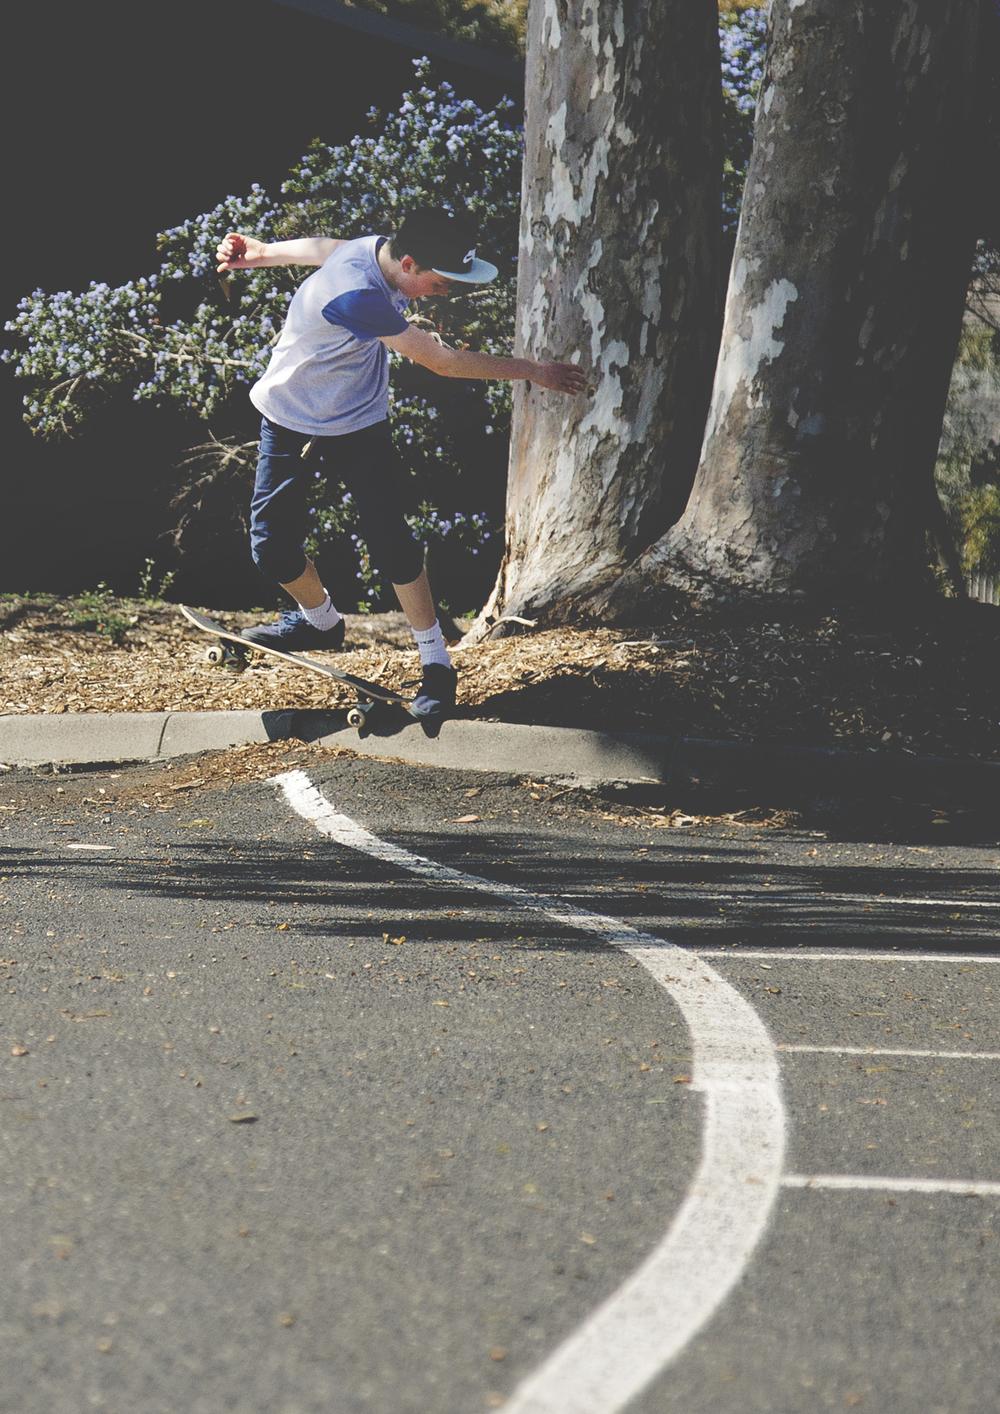 Skate park in Highett Bayside!